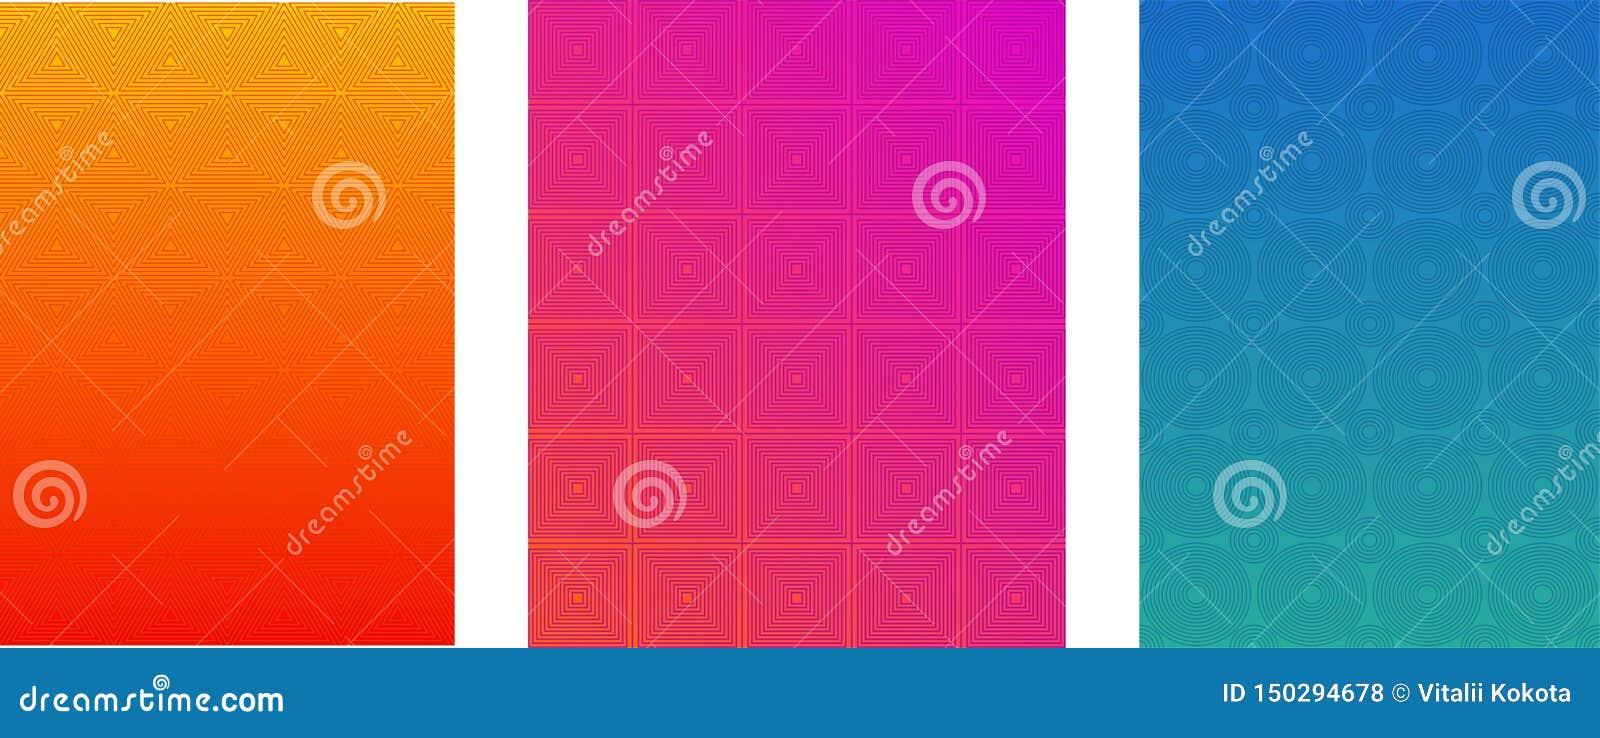 Minimalni pokrywy lub broszurki Wektorowi szablony Ustawiający Halftone Gradientowy Jaskrawy tło Ulotka, ulotka, sztandar, sieć p